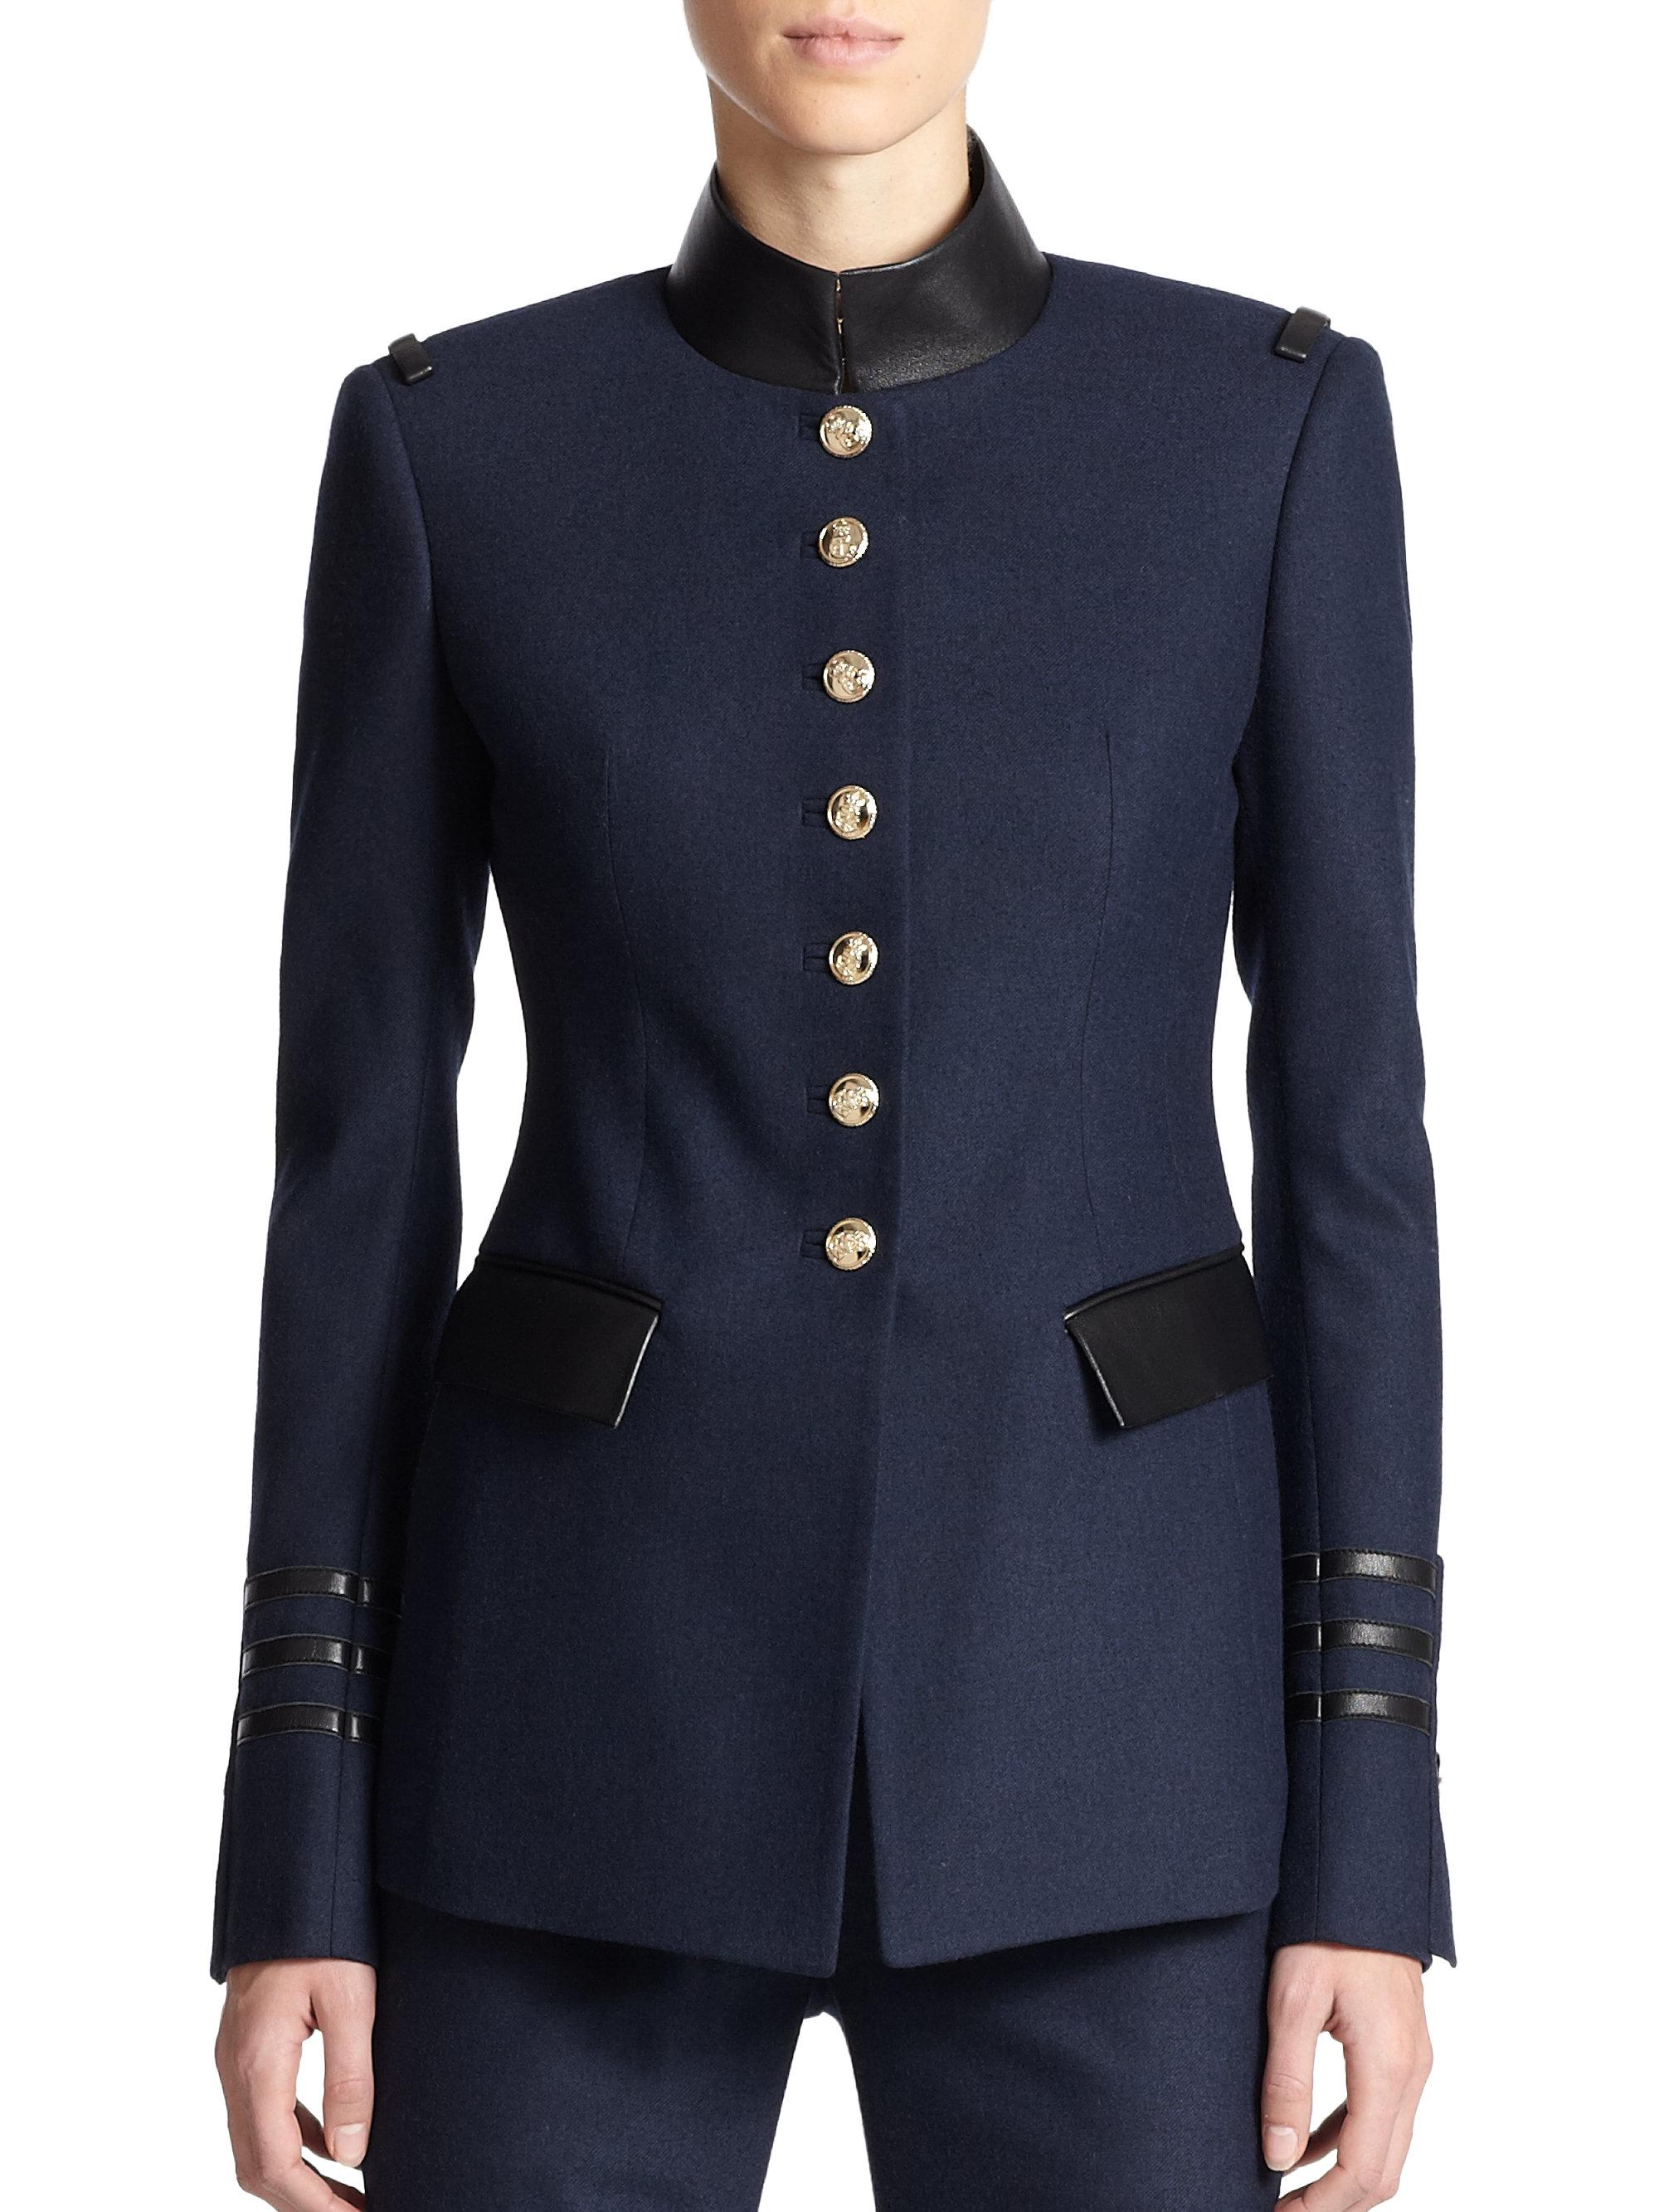 Blue Military Jacket Coat Nj